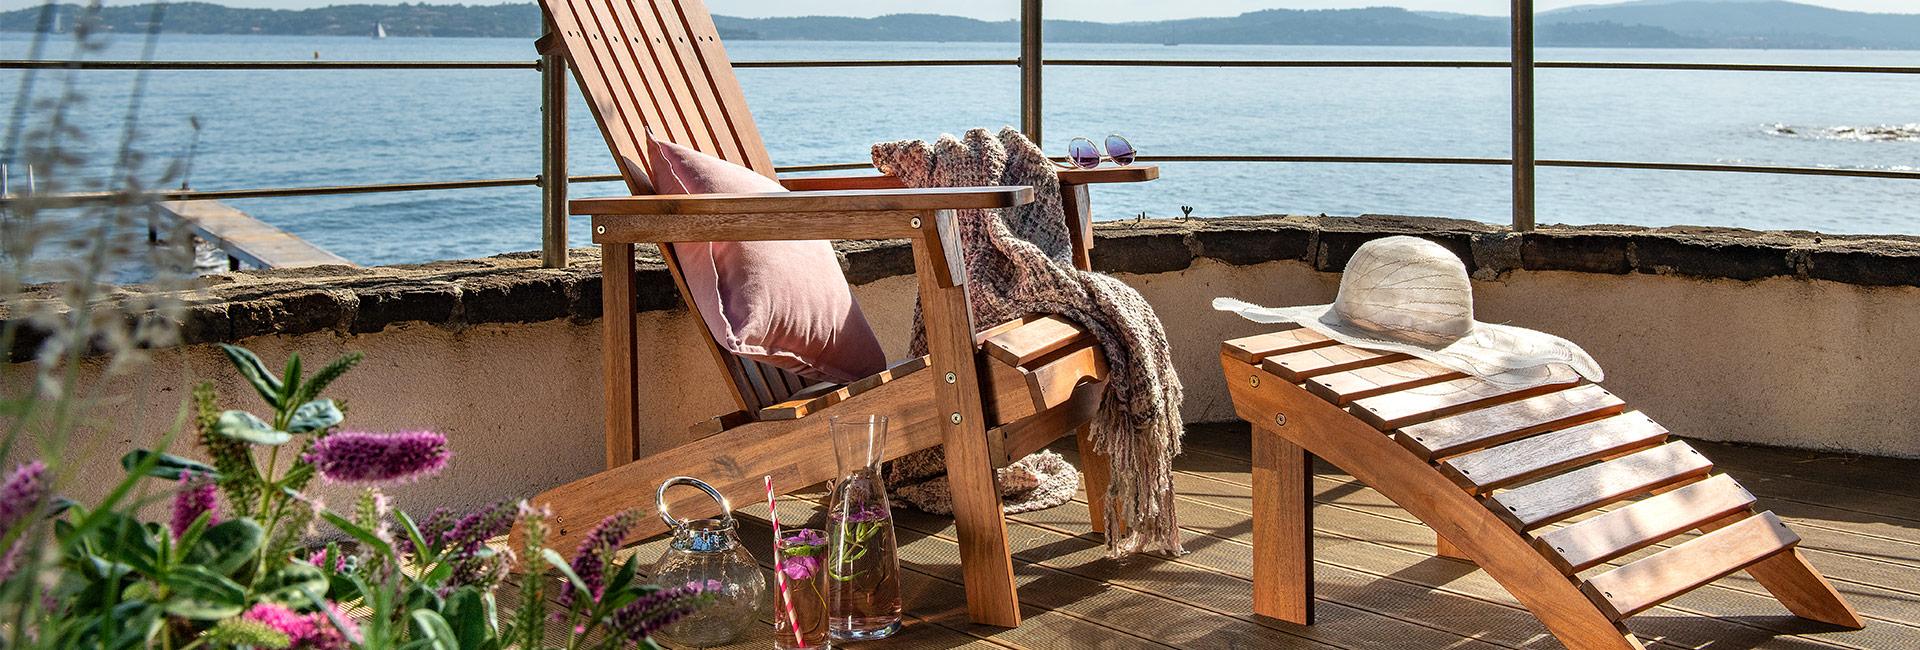 Full Size of Kippliege Aldi Gartenliegen Aus Vielen Materialien Kaufen Sie Bei Hffner Relaxsessel Garten Wohnzimmer Kippliege Aldi